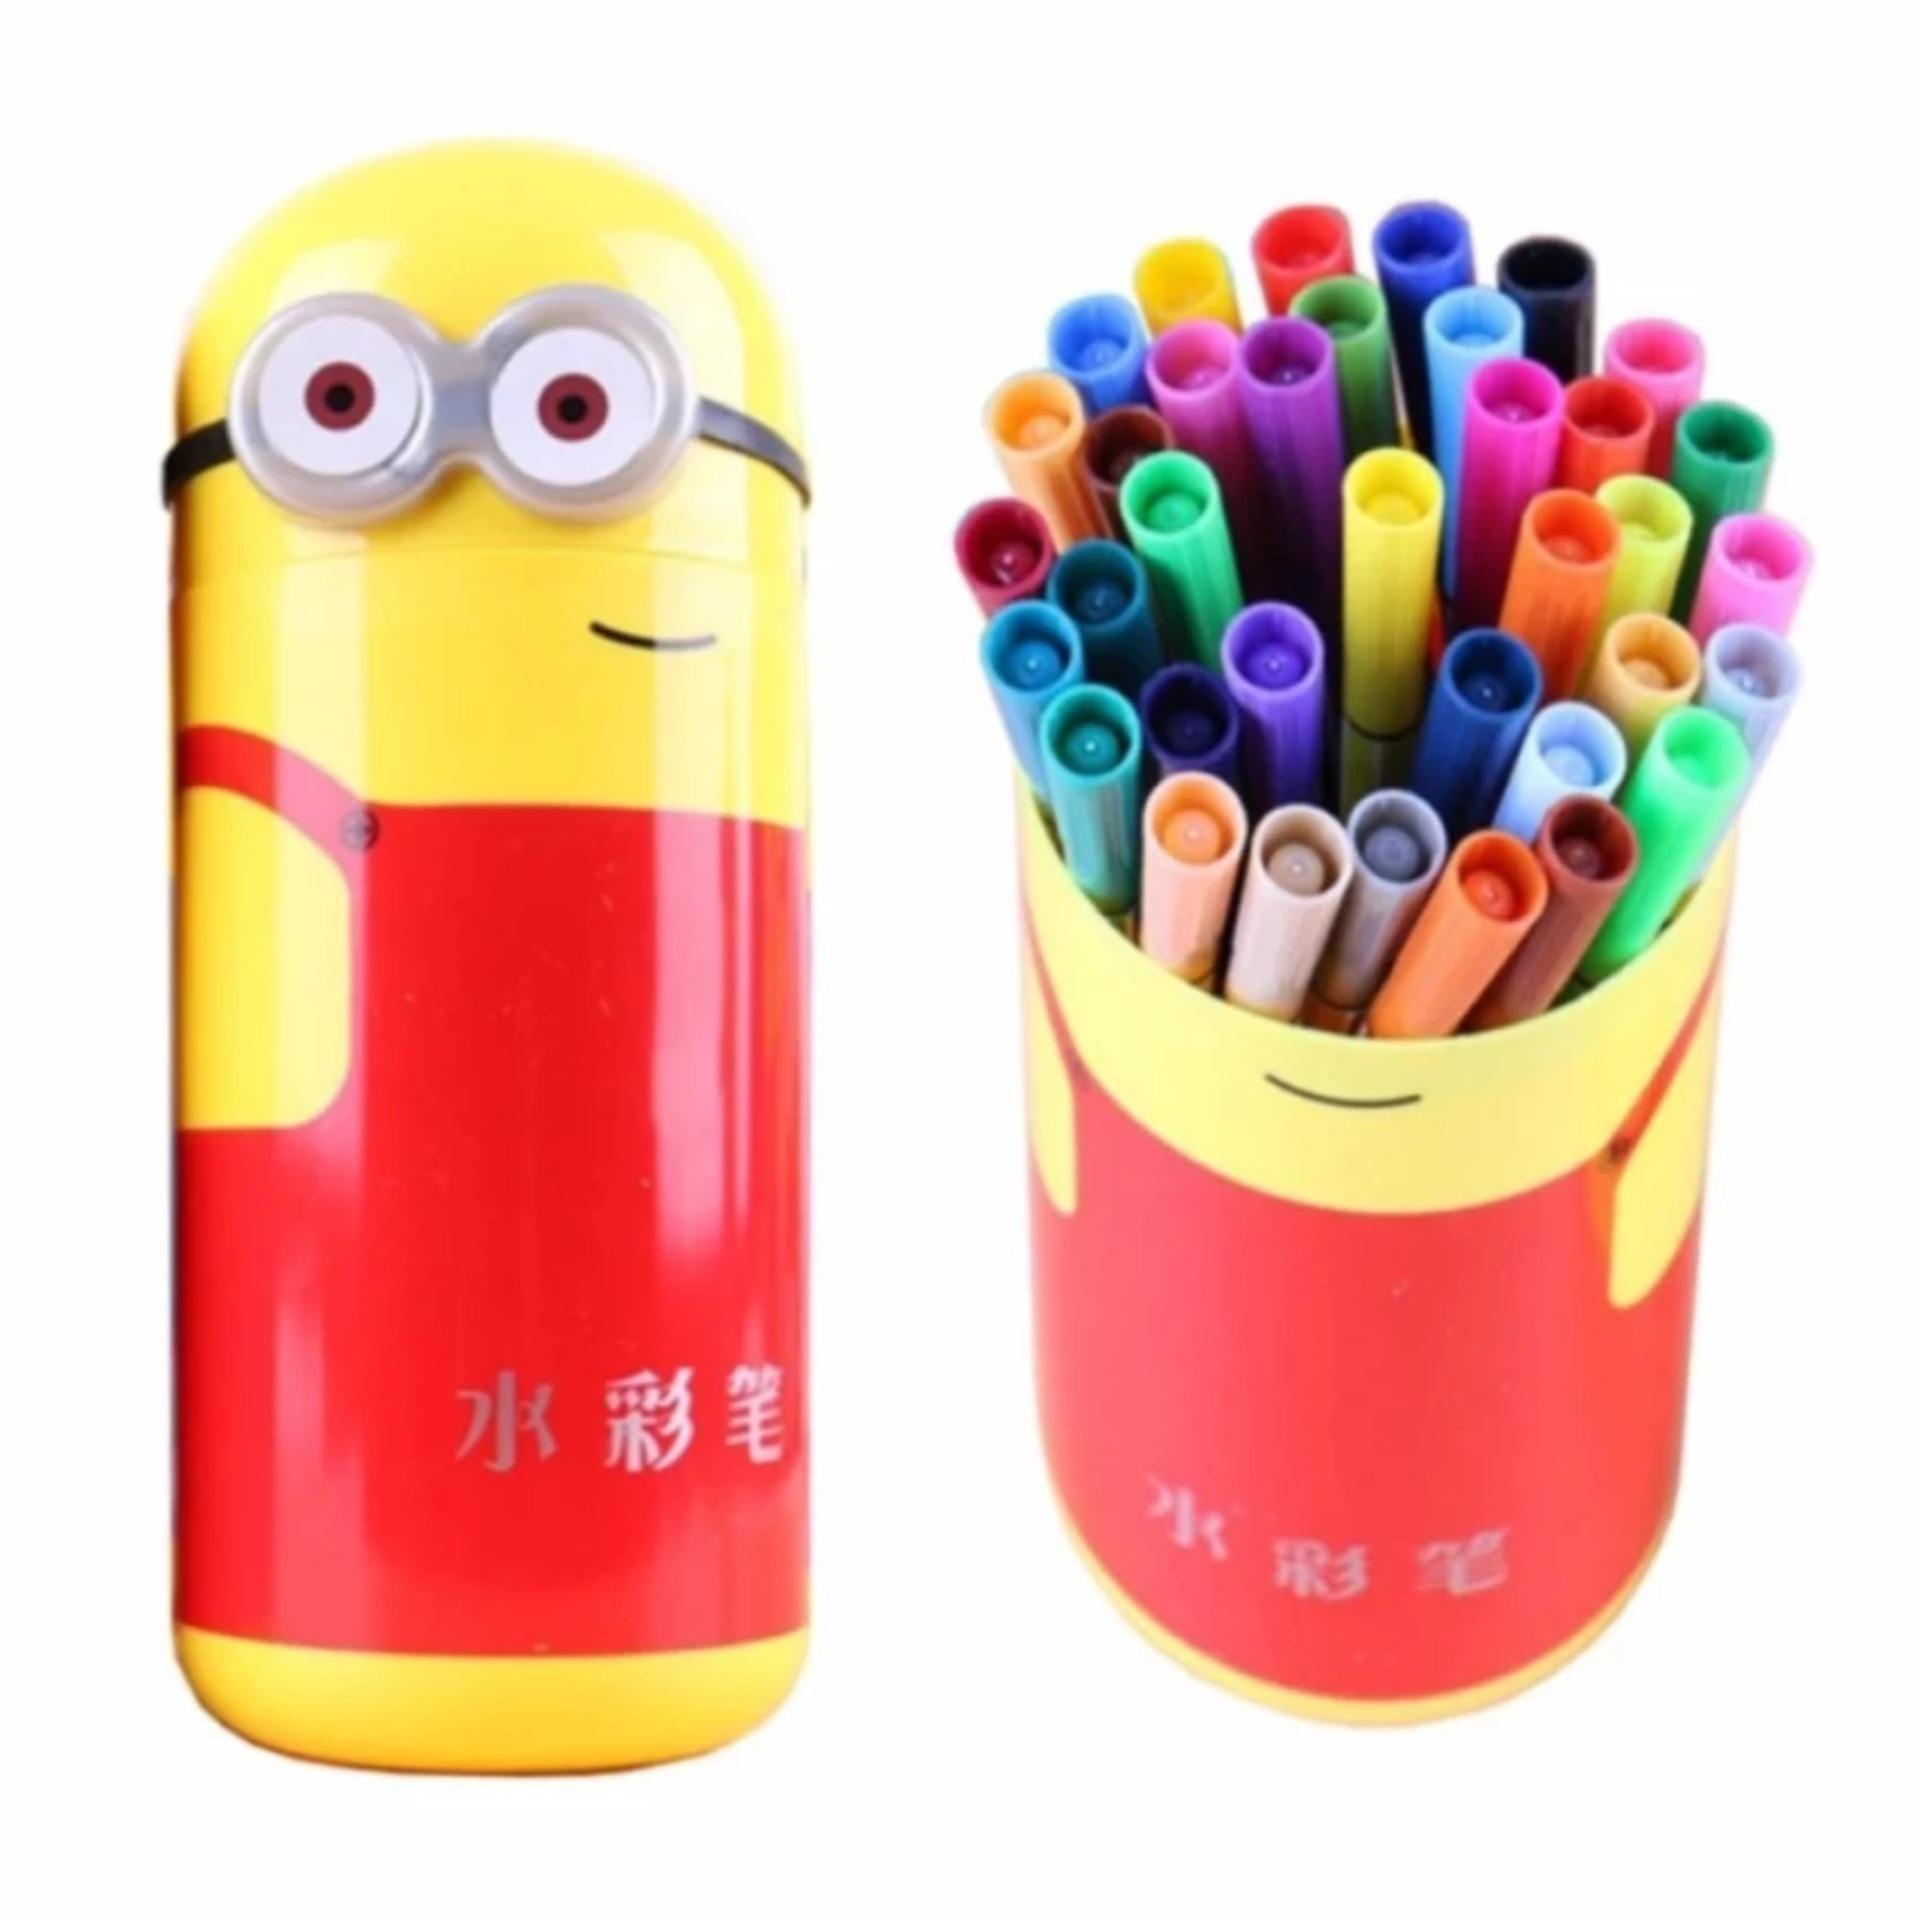 Bán Hộp Bút Lông Minion đáng Yêu Cho Bé Kèm 24 Bút Lông Tô